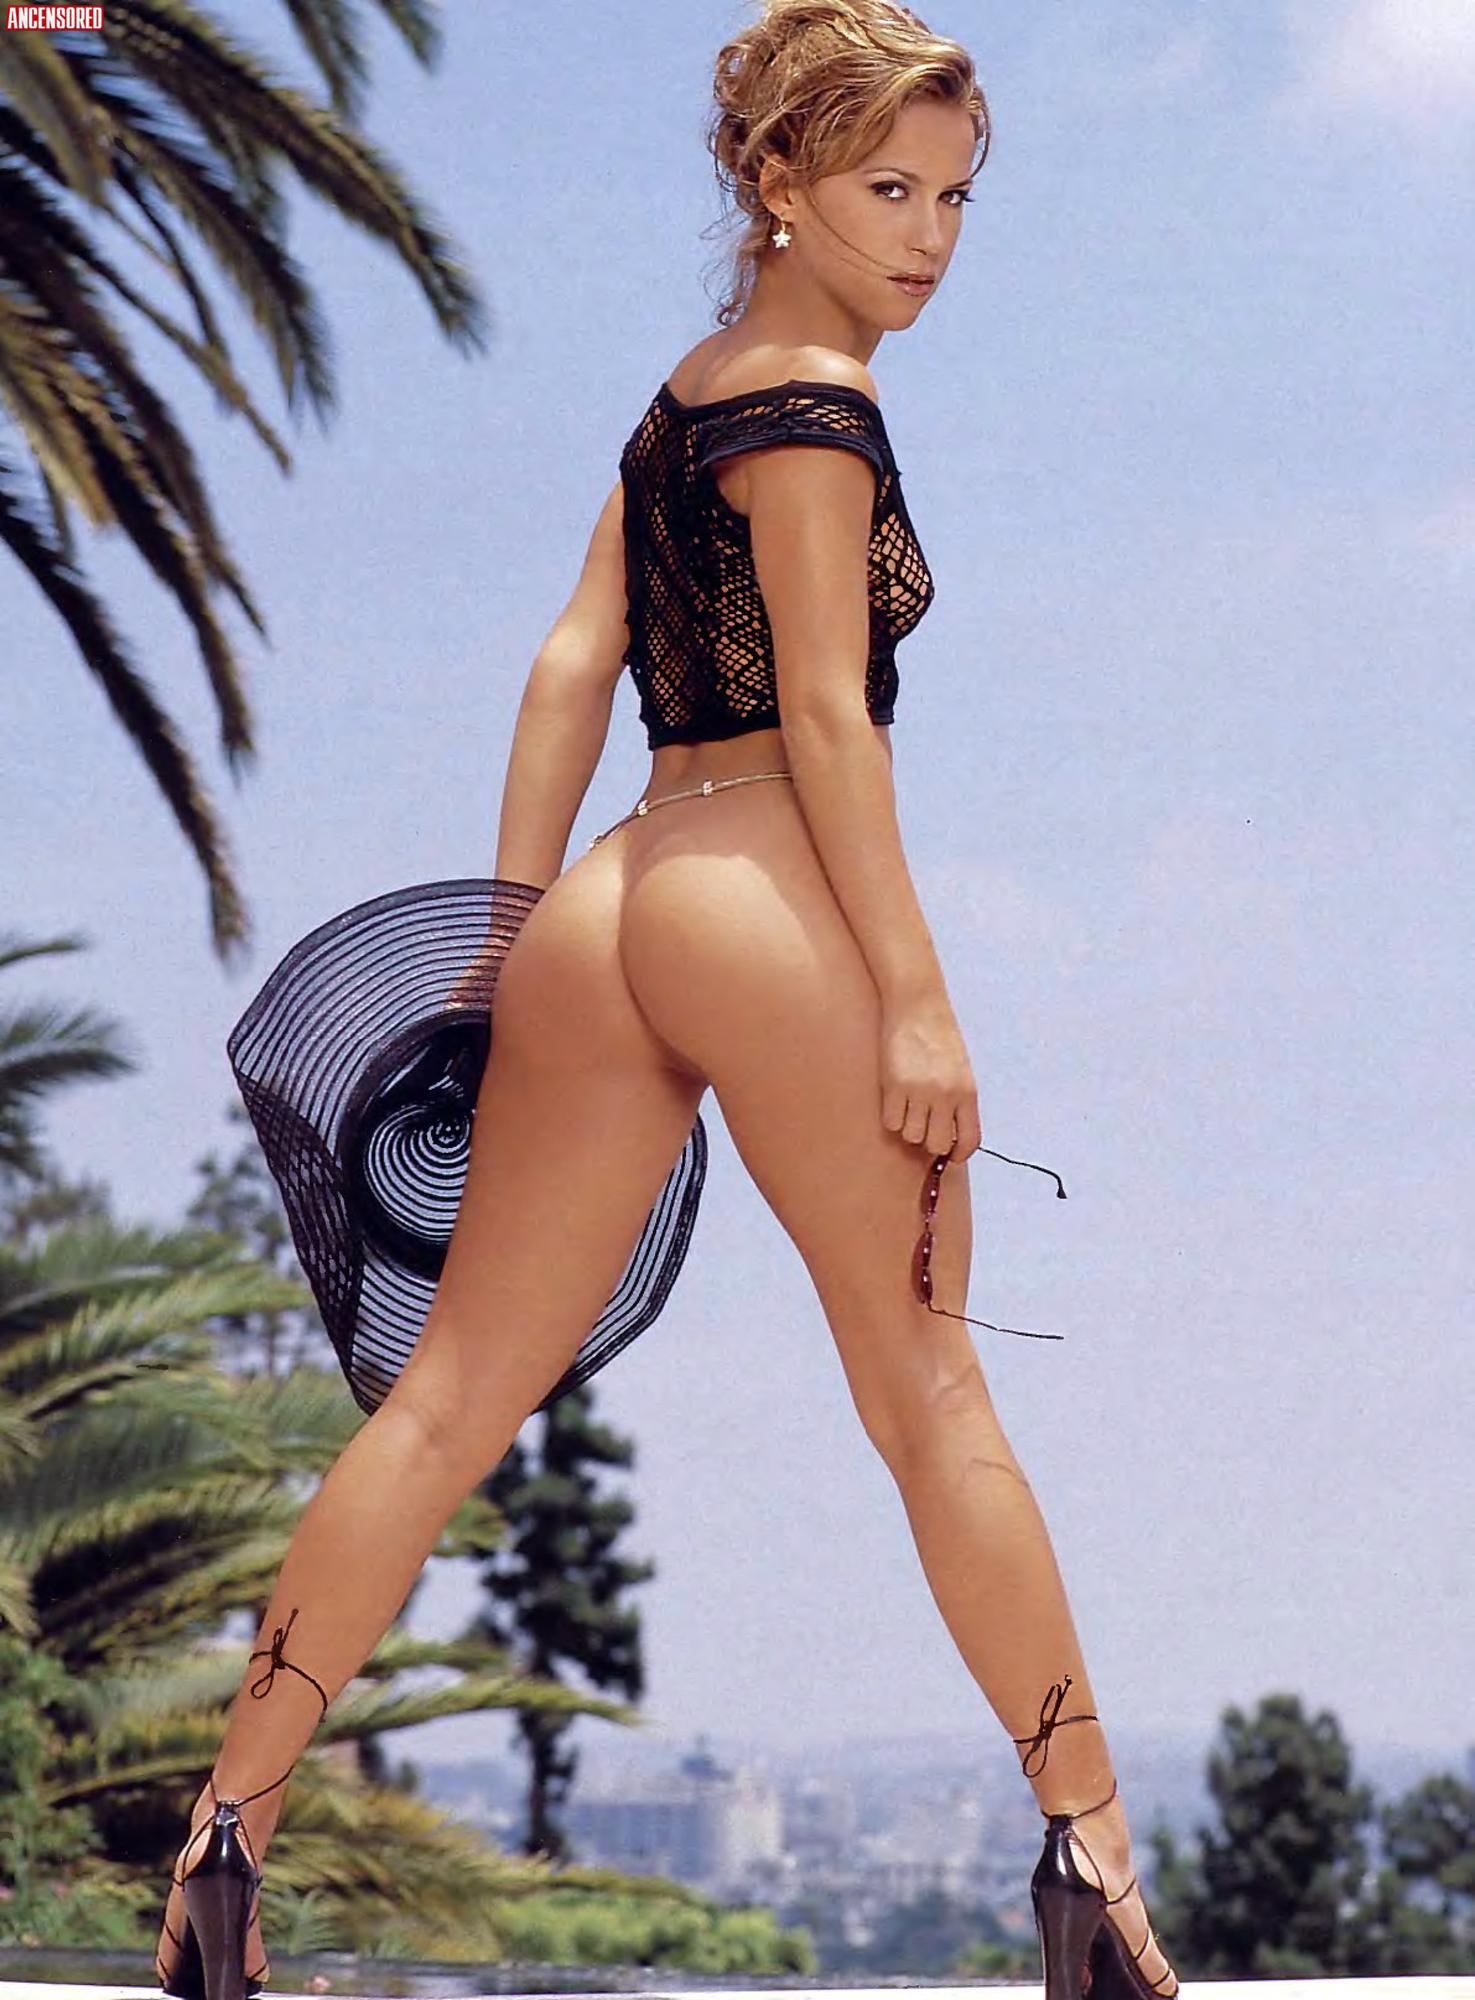 лейлани риос